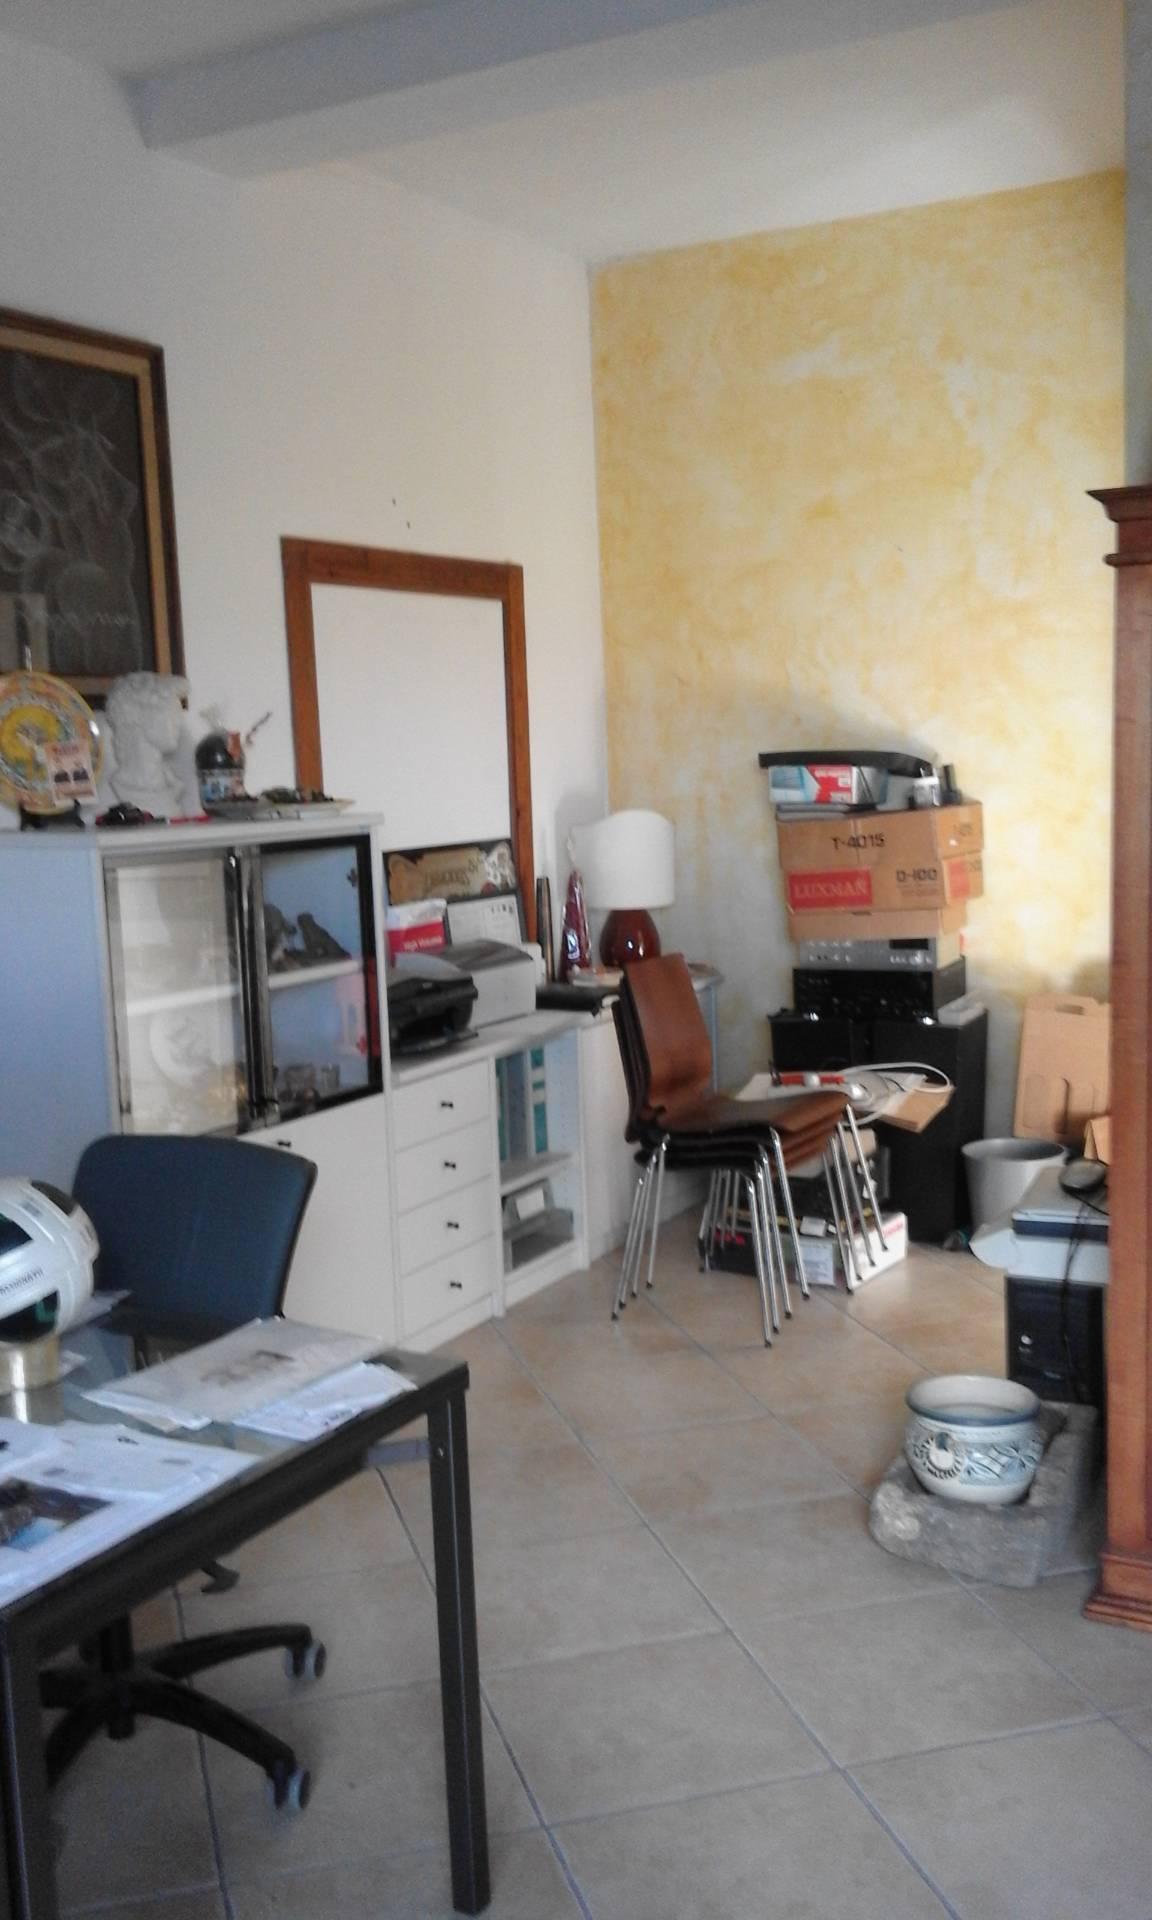 Attività commerciale a Empoli - est - 01